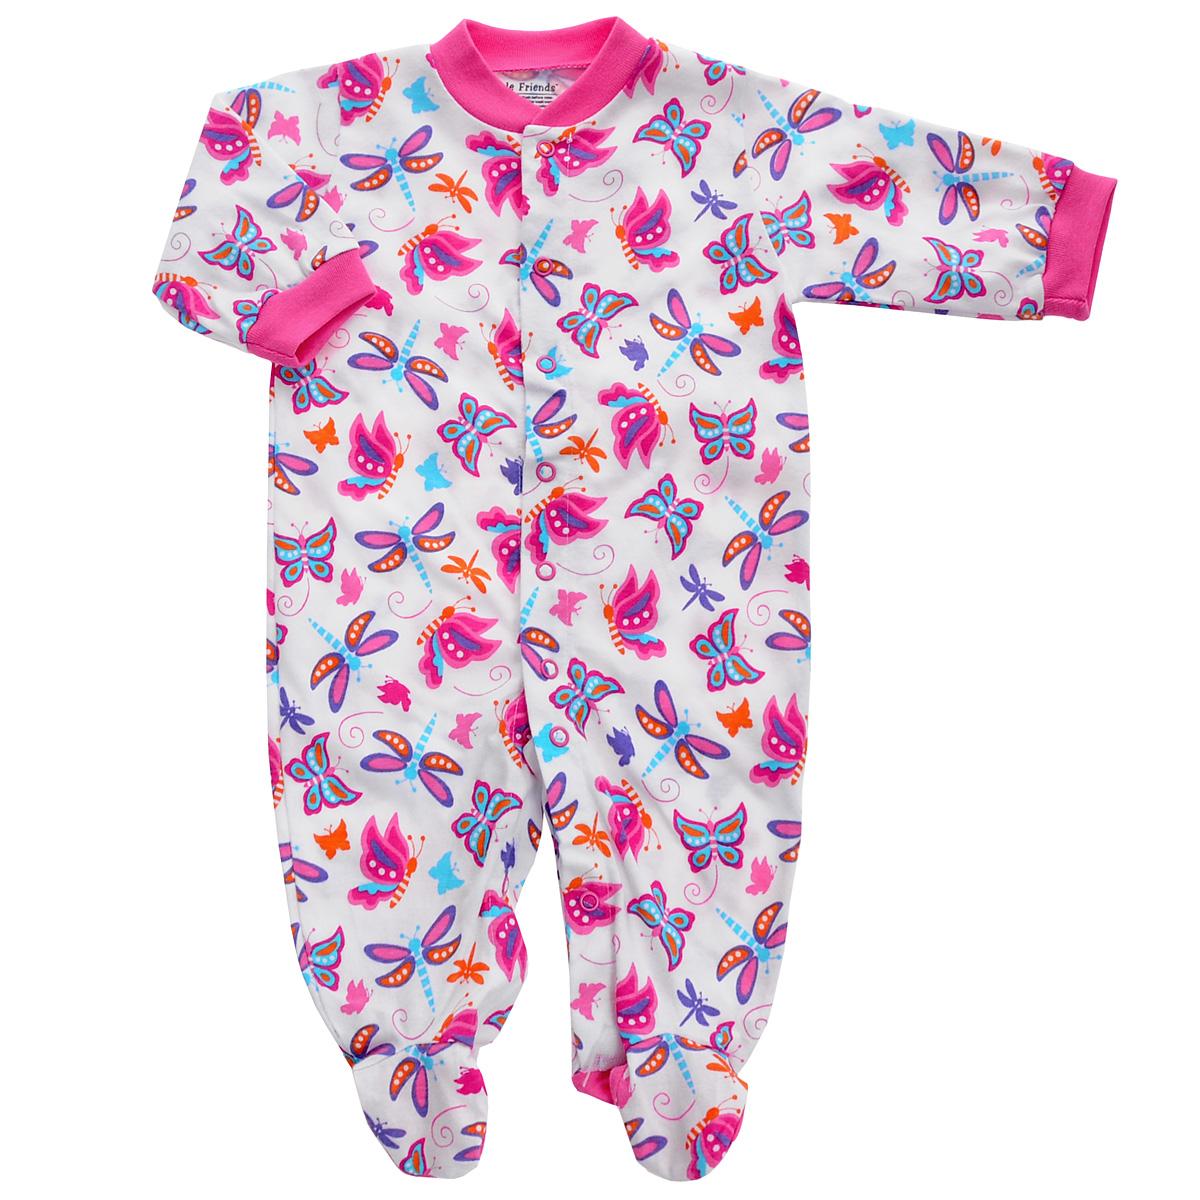 Комбинезон детский. 8310083100_стрекозаДетский комбинезон Luvable Friends - очень удобный и практичный вид одежды для малышей. Комбинезон выполнен из натурального хлопка, благодаря чему он необычайно мягкий и приятный на ощупь, не раздражают нежную кожу ребенка и хорошо вентилируются, а эластичные швы приятны телу малыша и не препятствуют его движениям. Комбинезон с длинными рукавами и закрытыми ножками имеет застежки-кнопки от горловины до щиколоток, которые помогают легко переодеть младенца или сменить подгузник. Рукава понизу дополнены неширокими трикотажными манжетами, мягко облегающими запястья. С детским комбинезоном спинка и ножки вашего малыша всегда будут в тепле, он идеален для использования днем и незаменим ночью. Комбинезон полностью соответствует особенностям жизни младенца в ранний период, не стесняя и не ограничивая его в движениях!